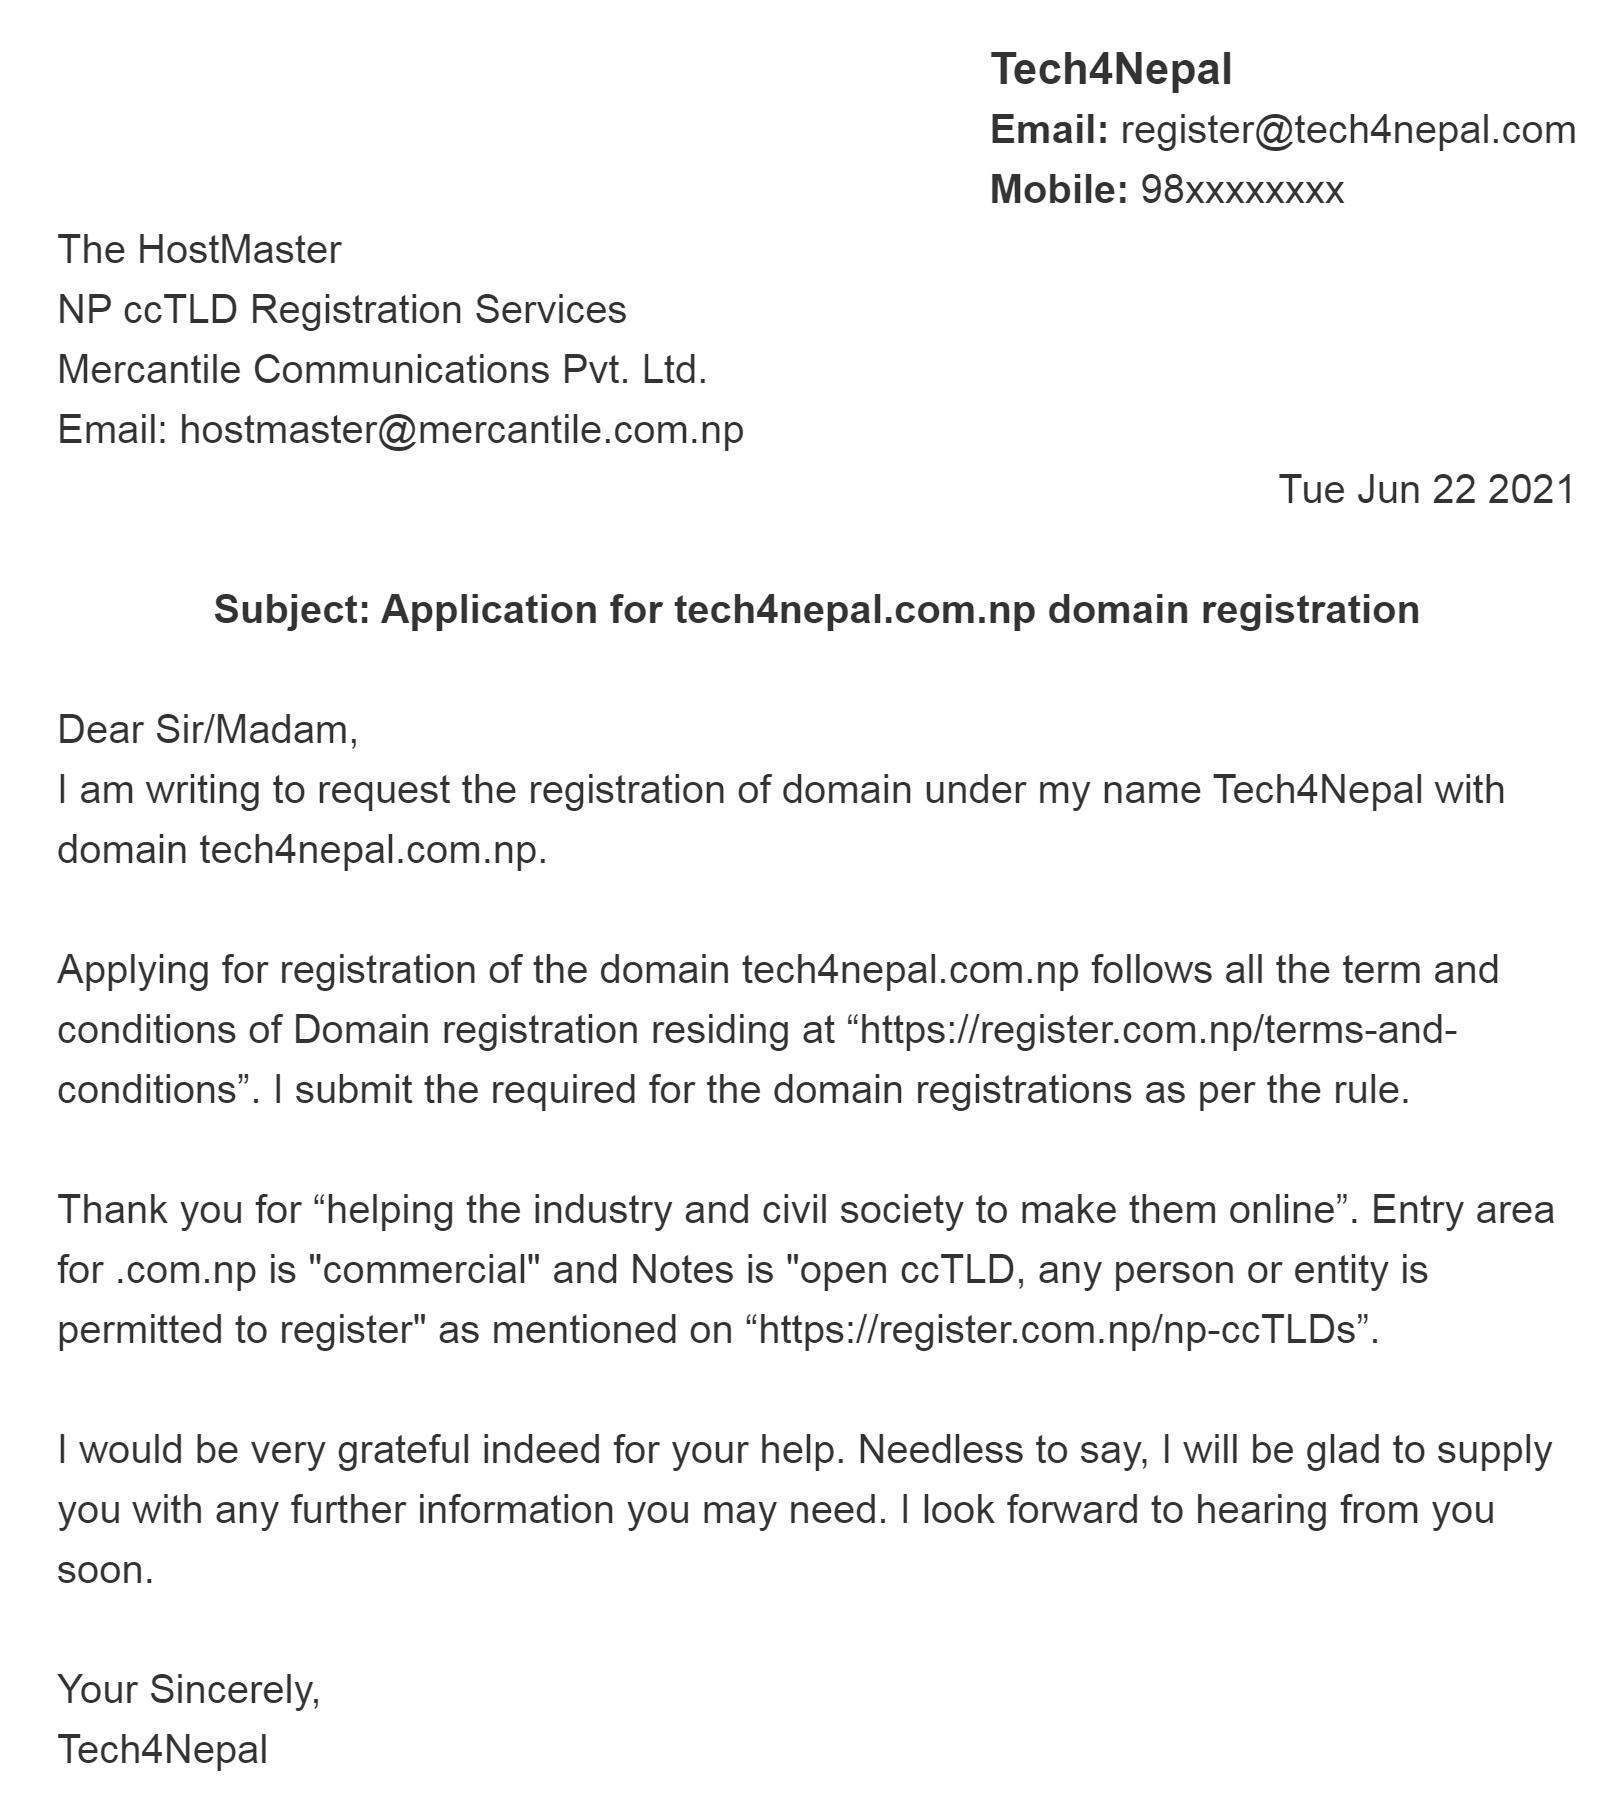 Cover Letter Sample For .np Domain Registration